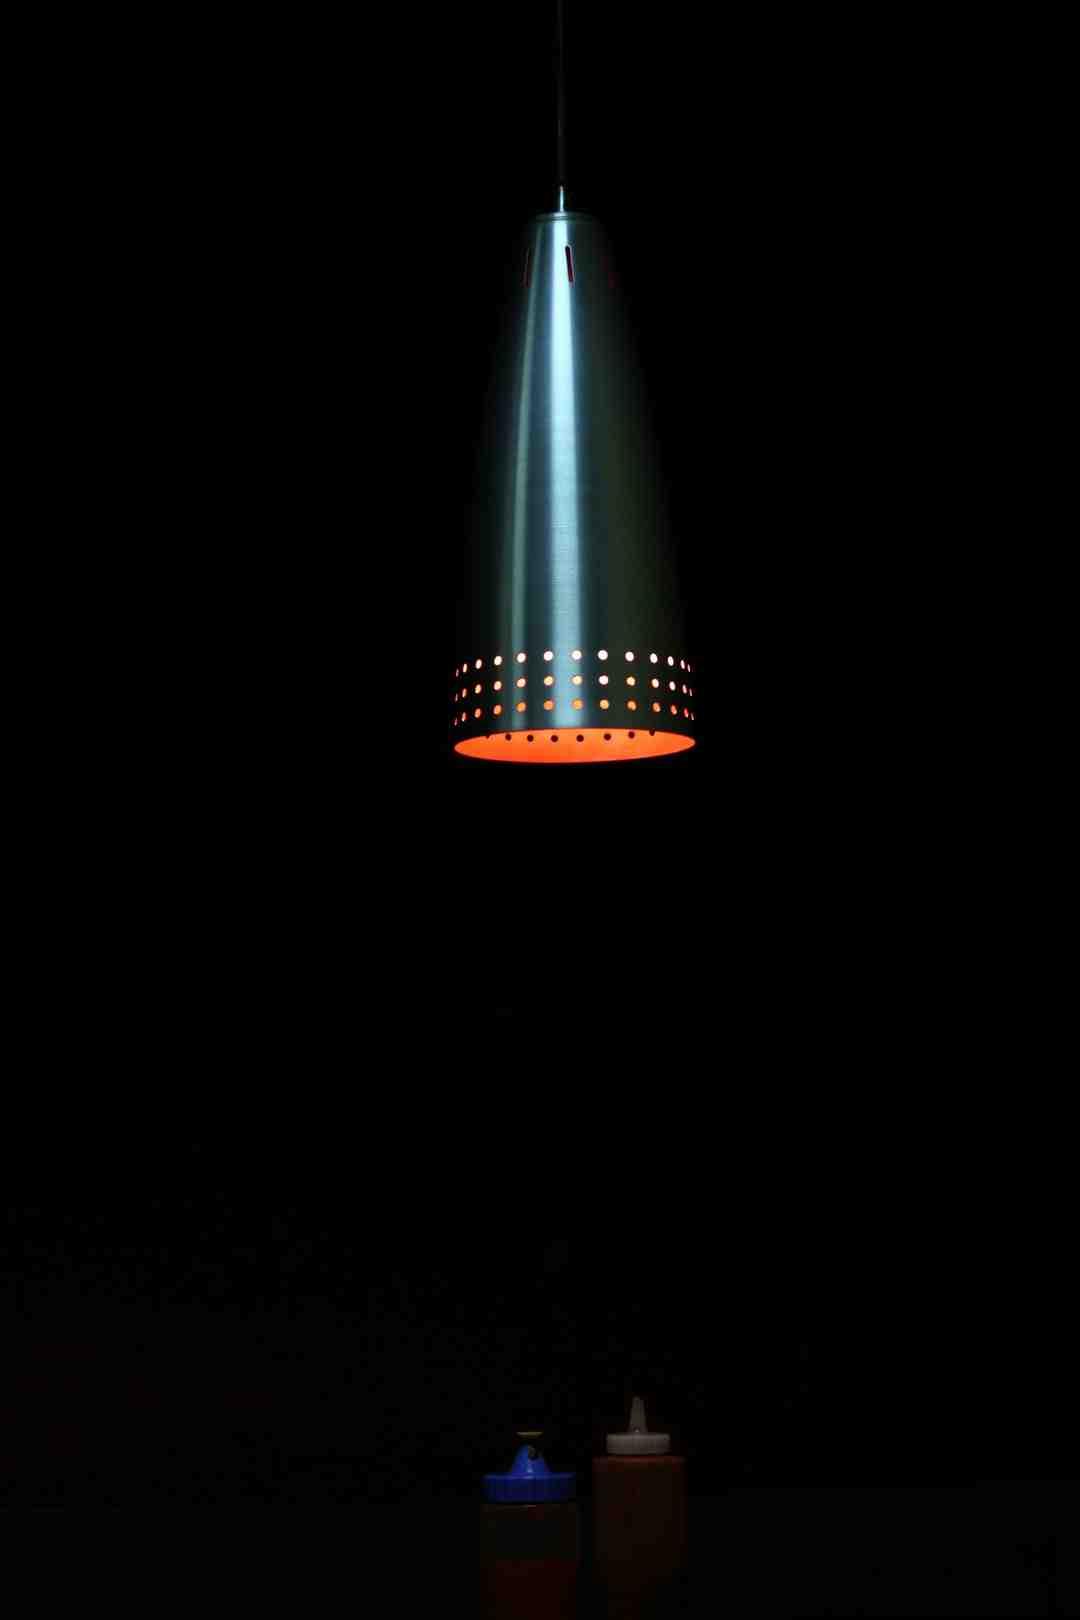 Comment savoir si une LED est défectueuse?